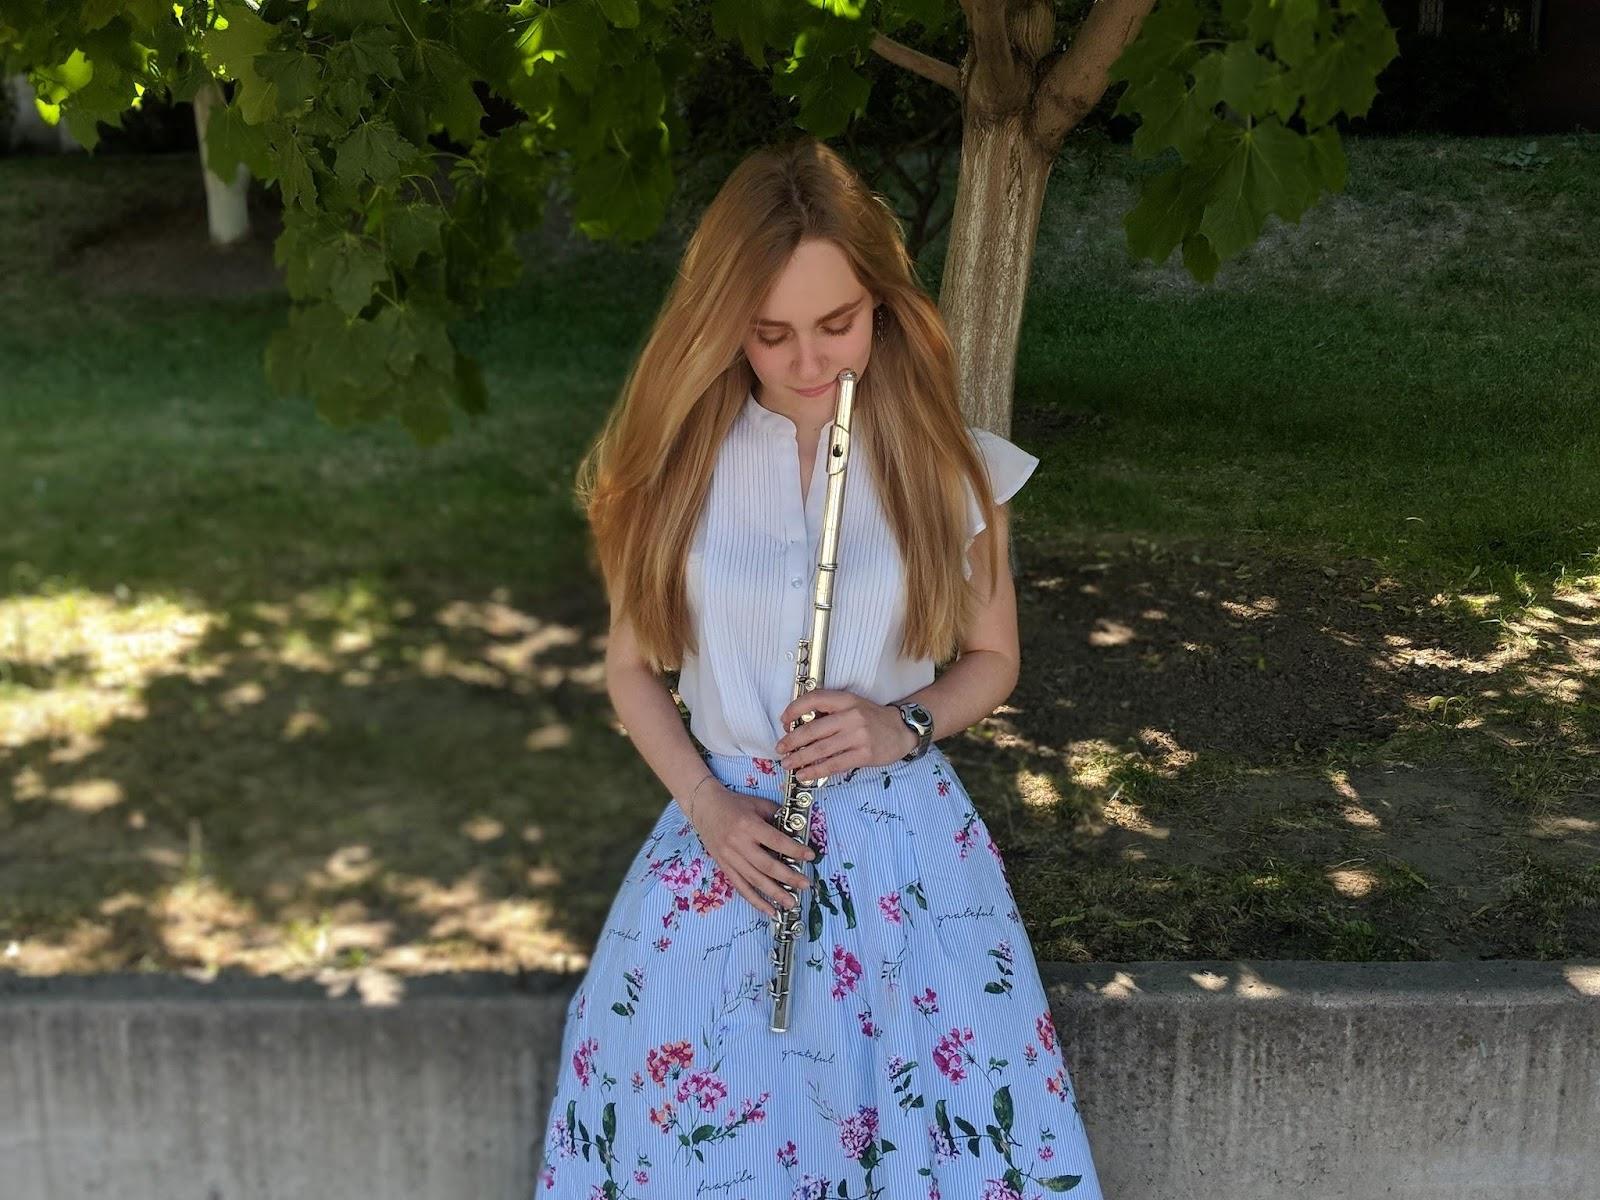 سوز و گداز آهنگساز کوشا میرزایی